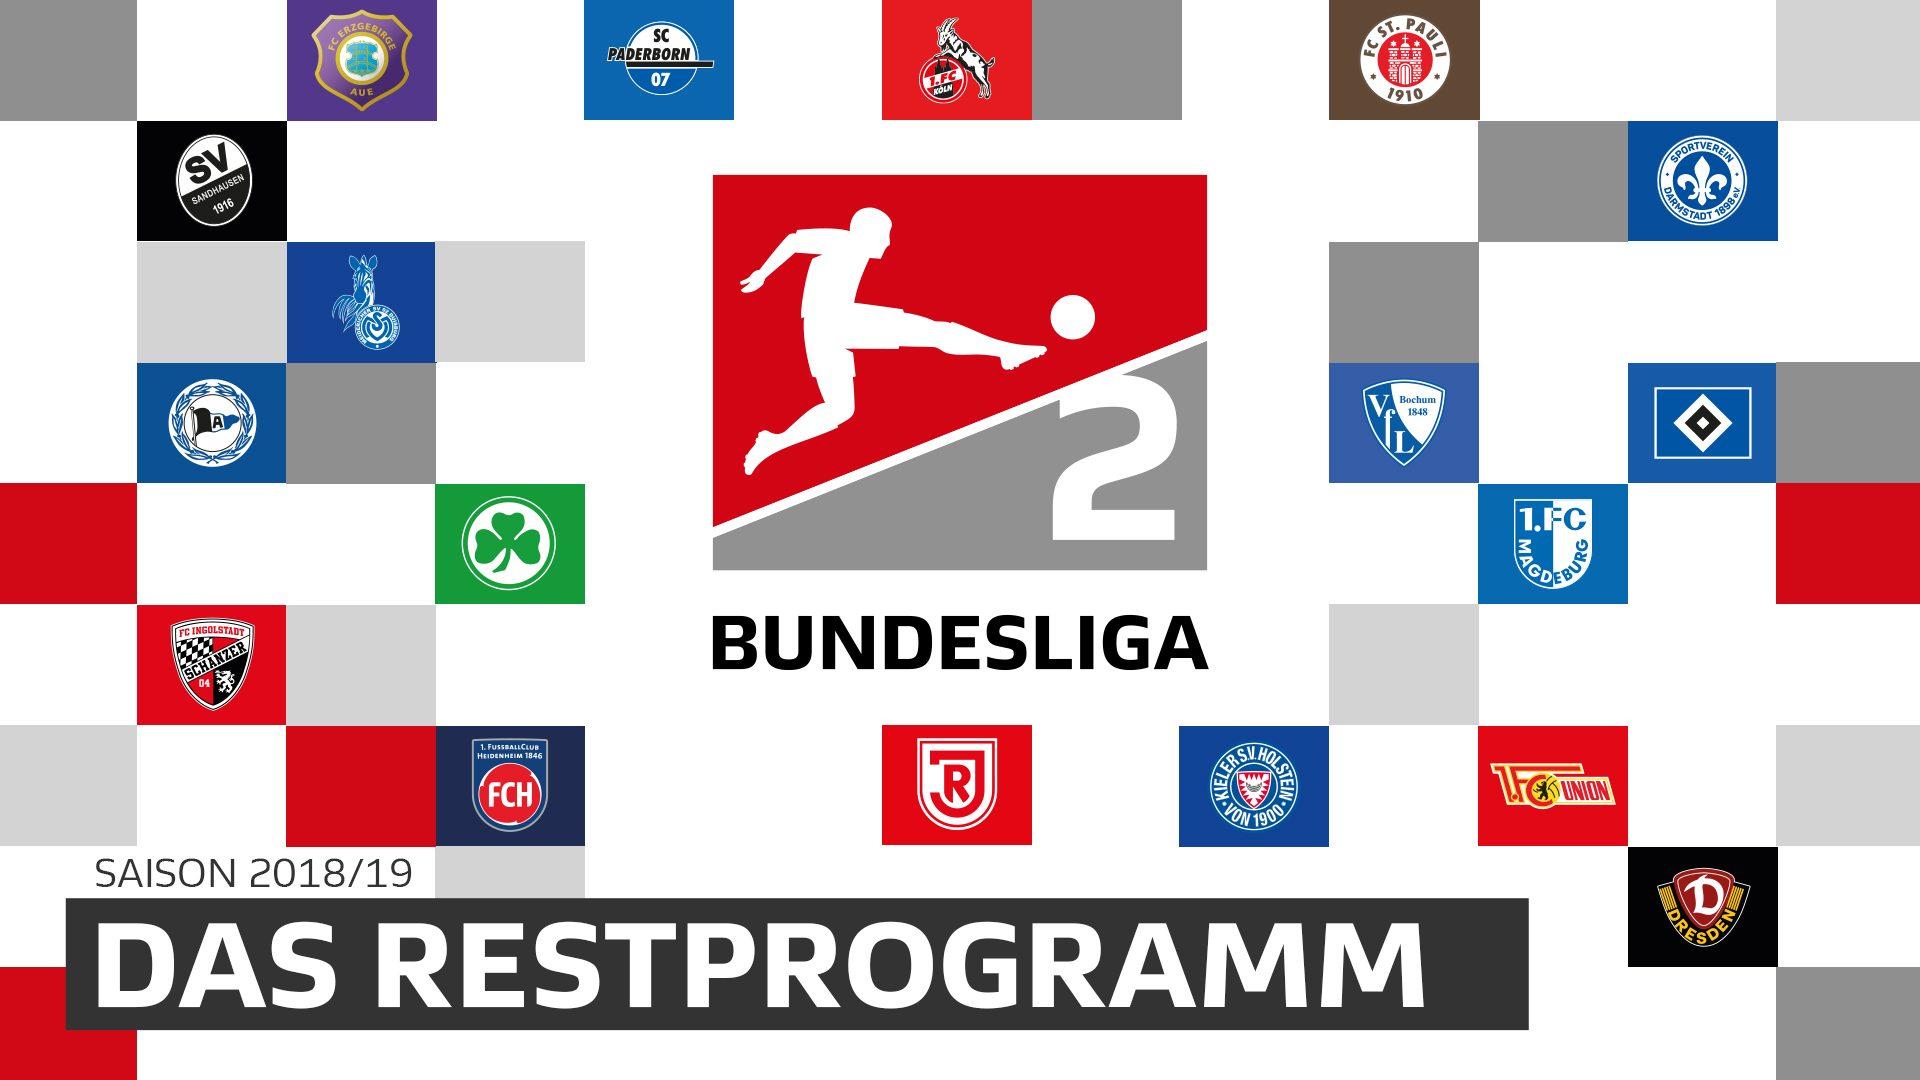 Das Restprogramm der Clubs in der 2. Bundesliga